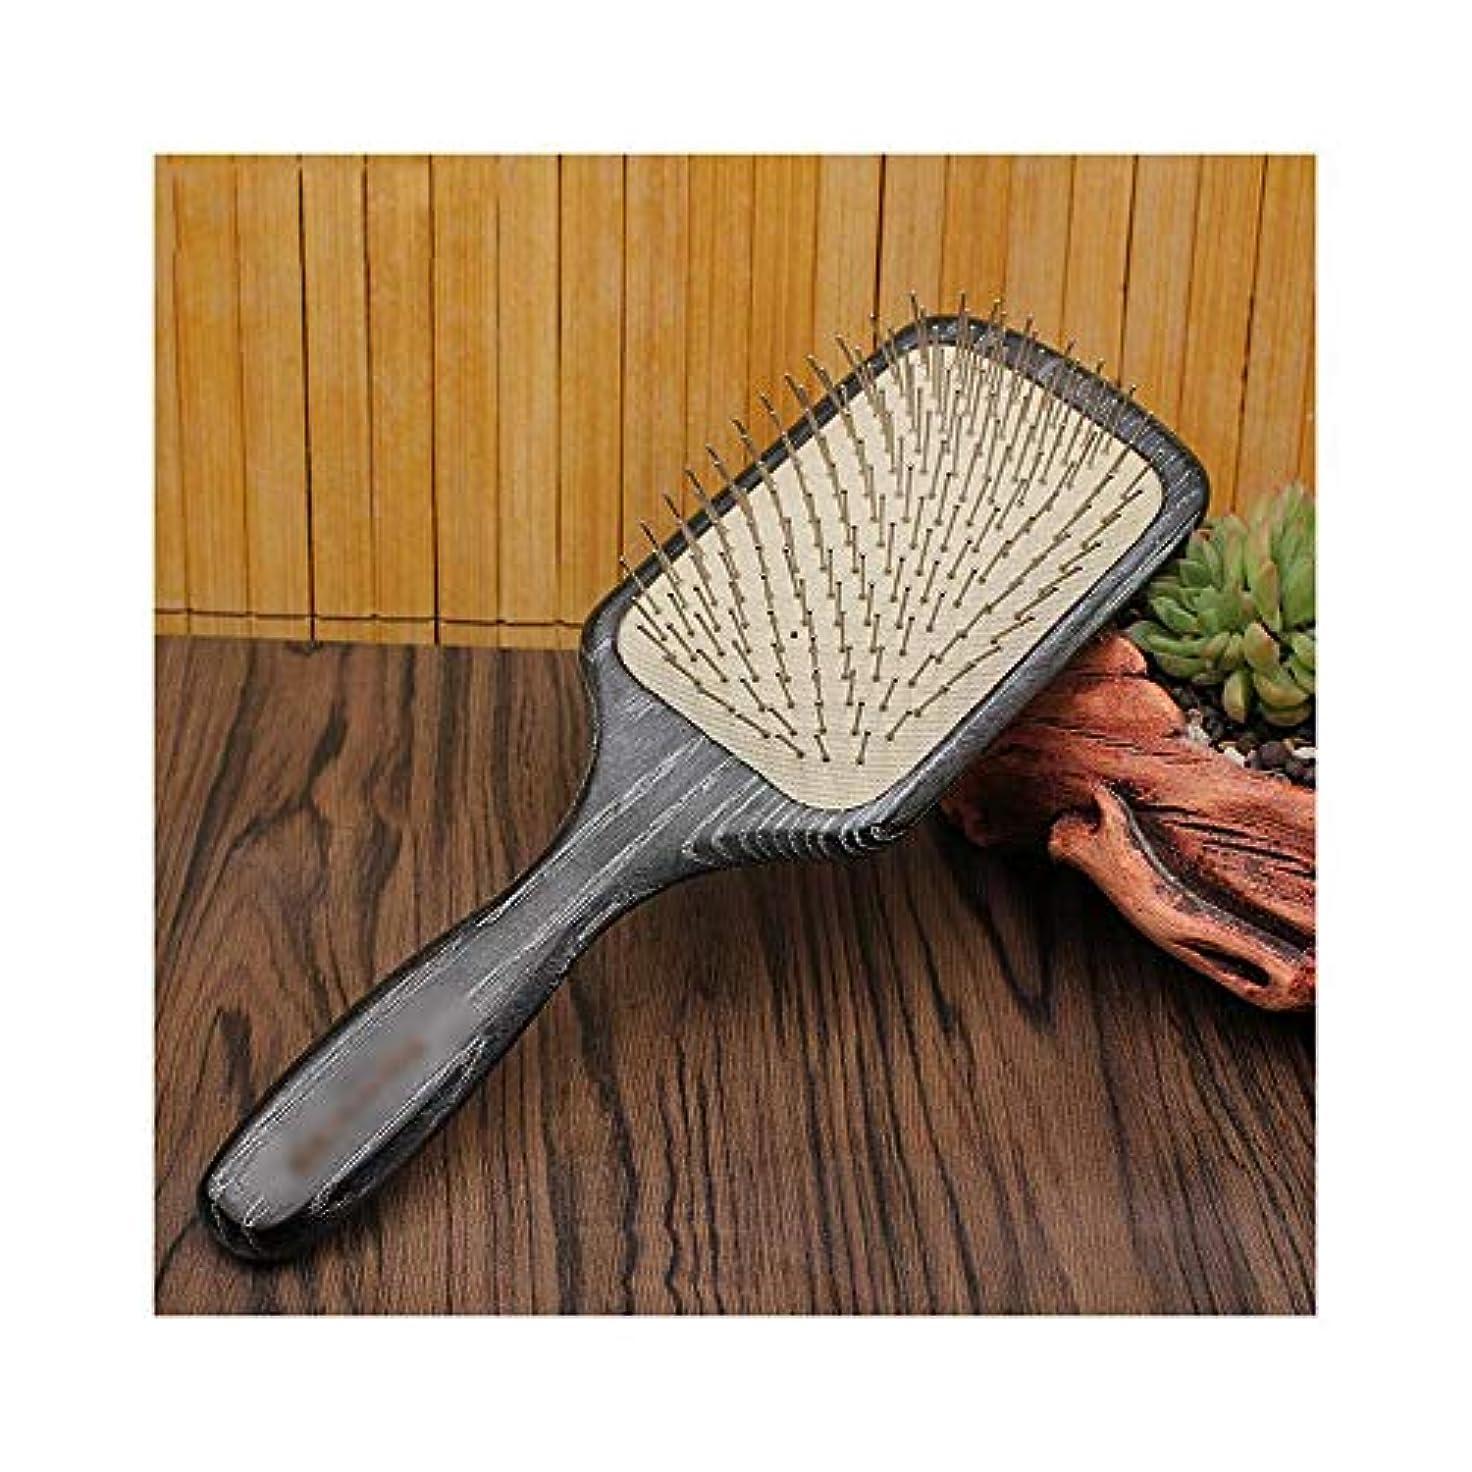 ツイン料理をする手段WASAIO ヘアブラシ木製の手作りの頭皮マッサージエアクッションヘアコームリラックスとスタイリング帯電防止ブラシ (色 : Square)